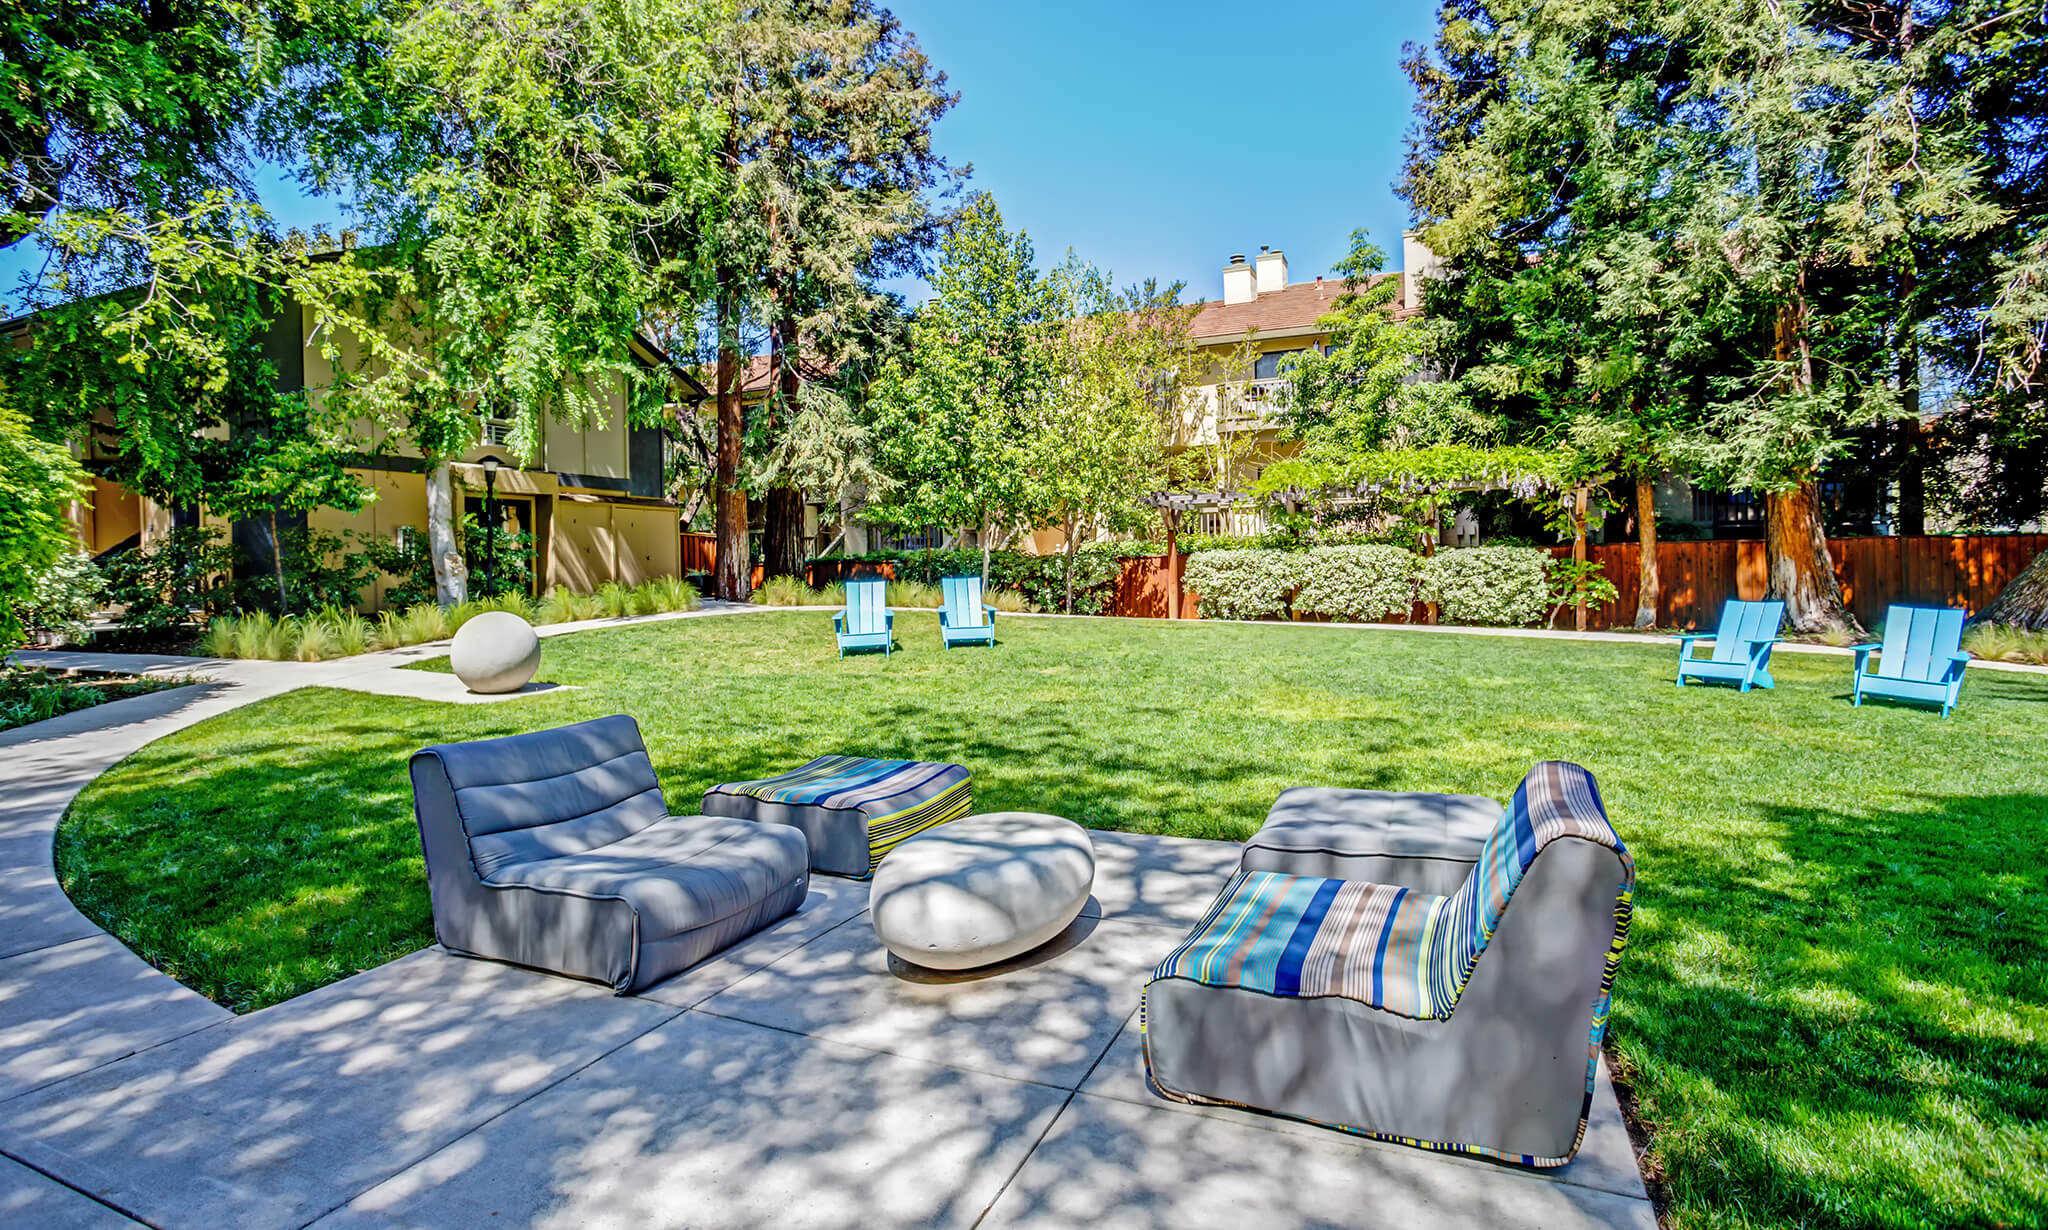 Montecito Apartments apartments in Santa Clara CA to rent photo 1